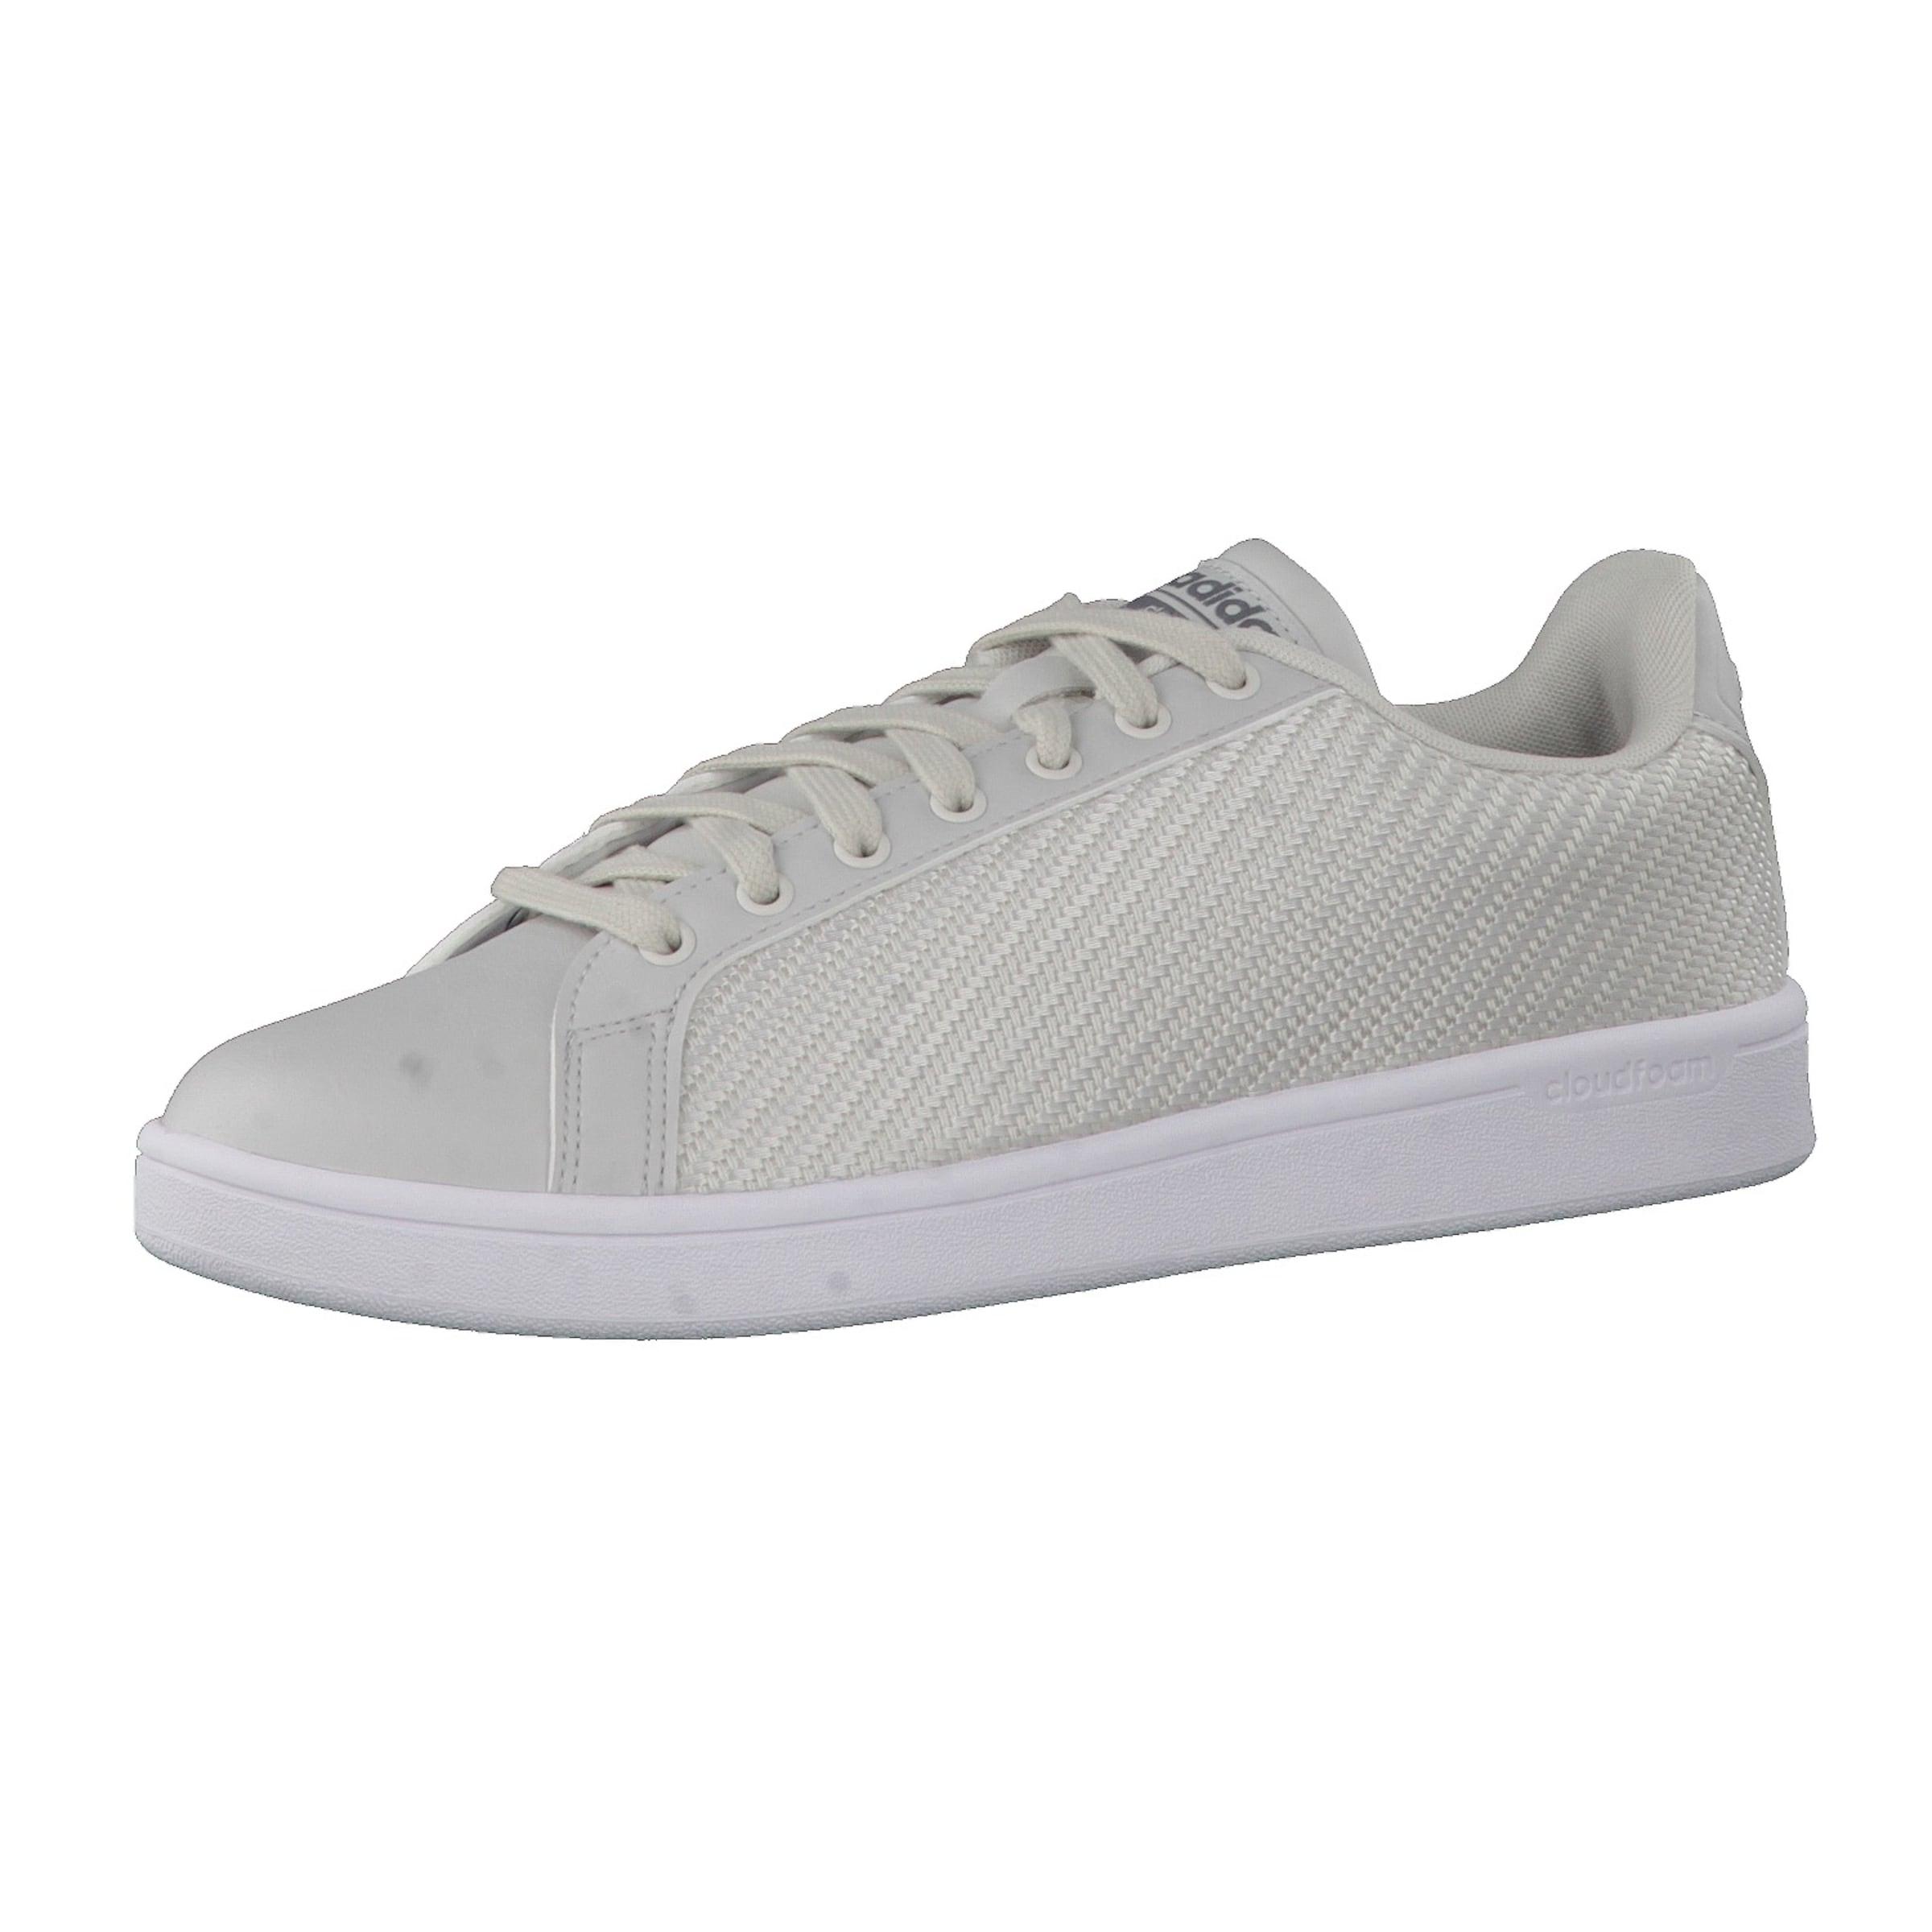 ADIDAS ORIGINALS Sneaker Cloudfoam Advantage Clean CG5681 mit schlichtem Design